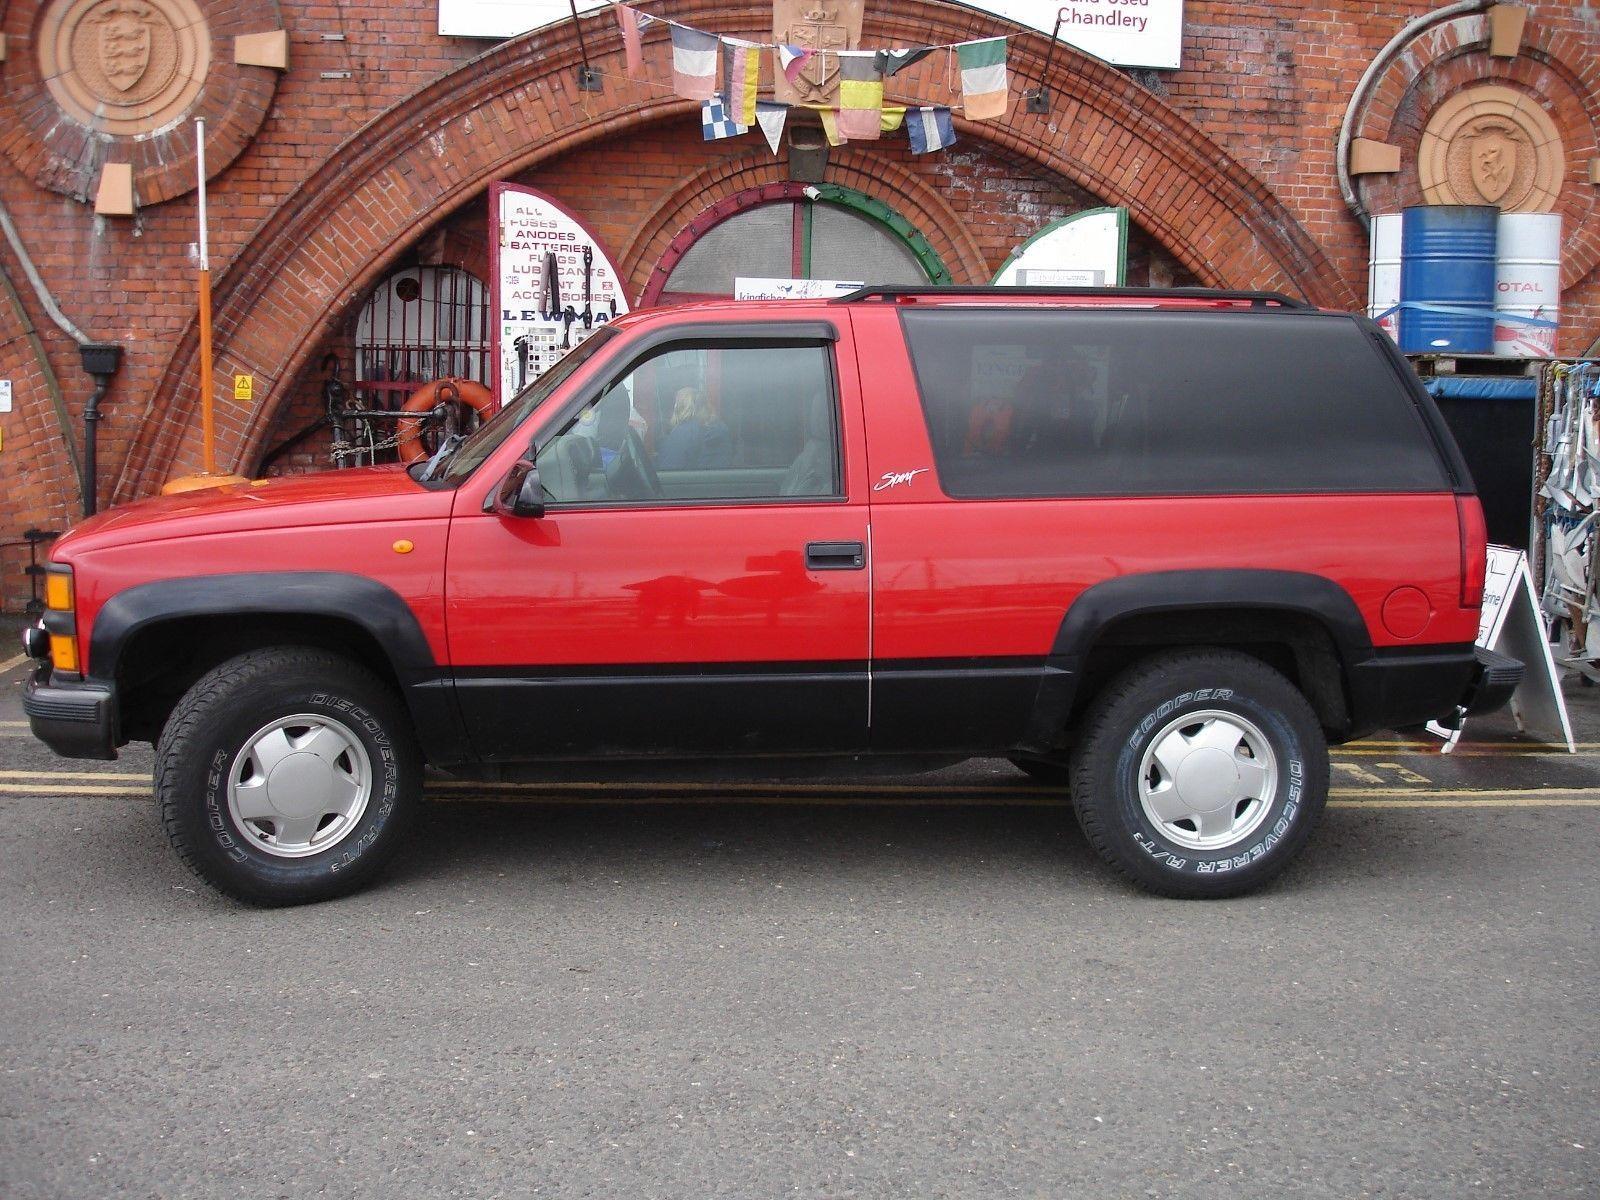 Ebay Chevrolet Tahoe Sports 4x4 Z71 1997 Red 3 Door Low Miles